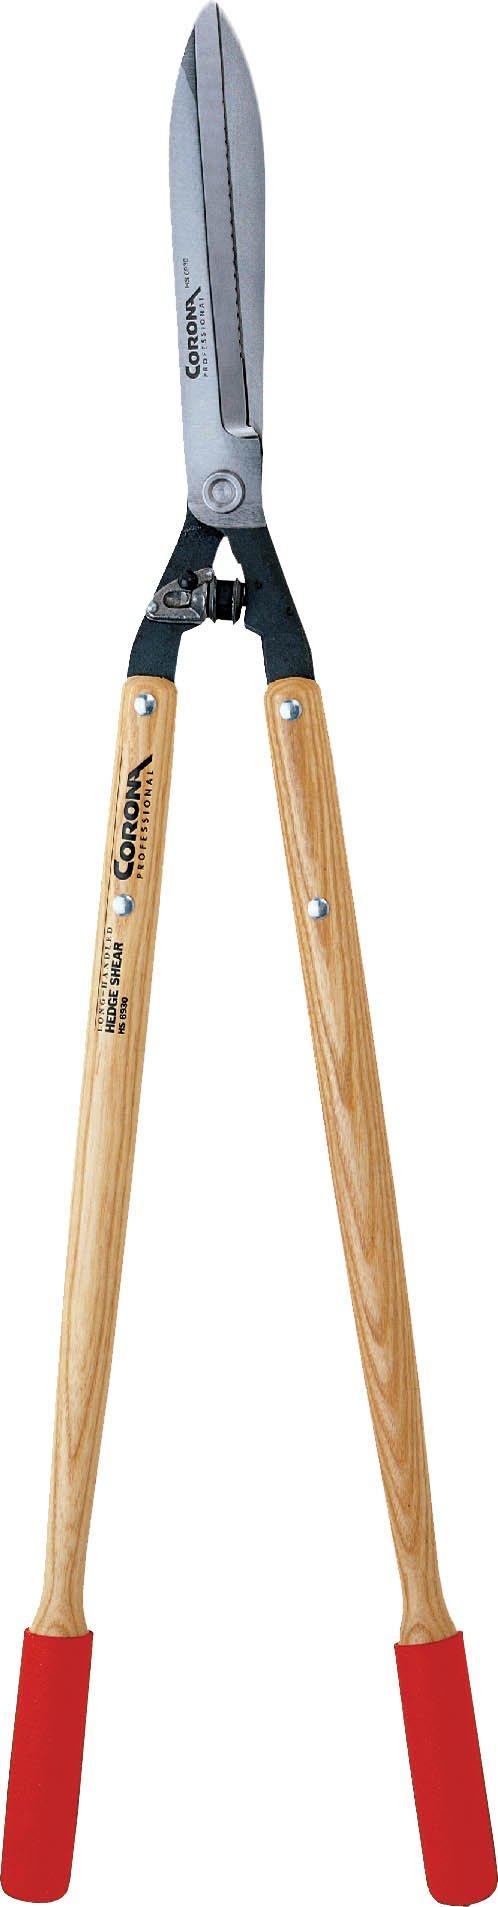 Corona HS 6930 Serrated Hedge Shear, 8-1/2-Inch Blade